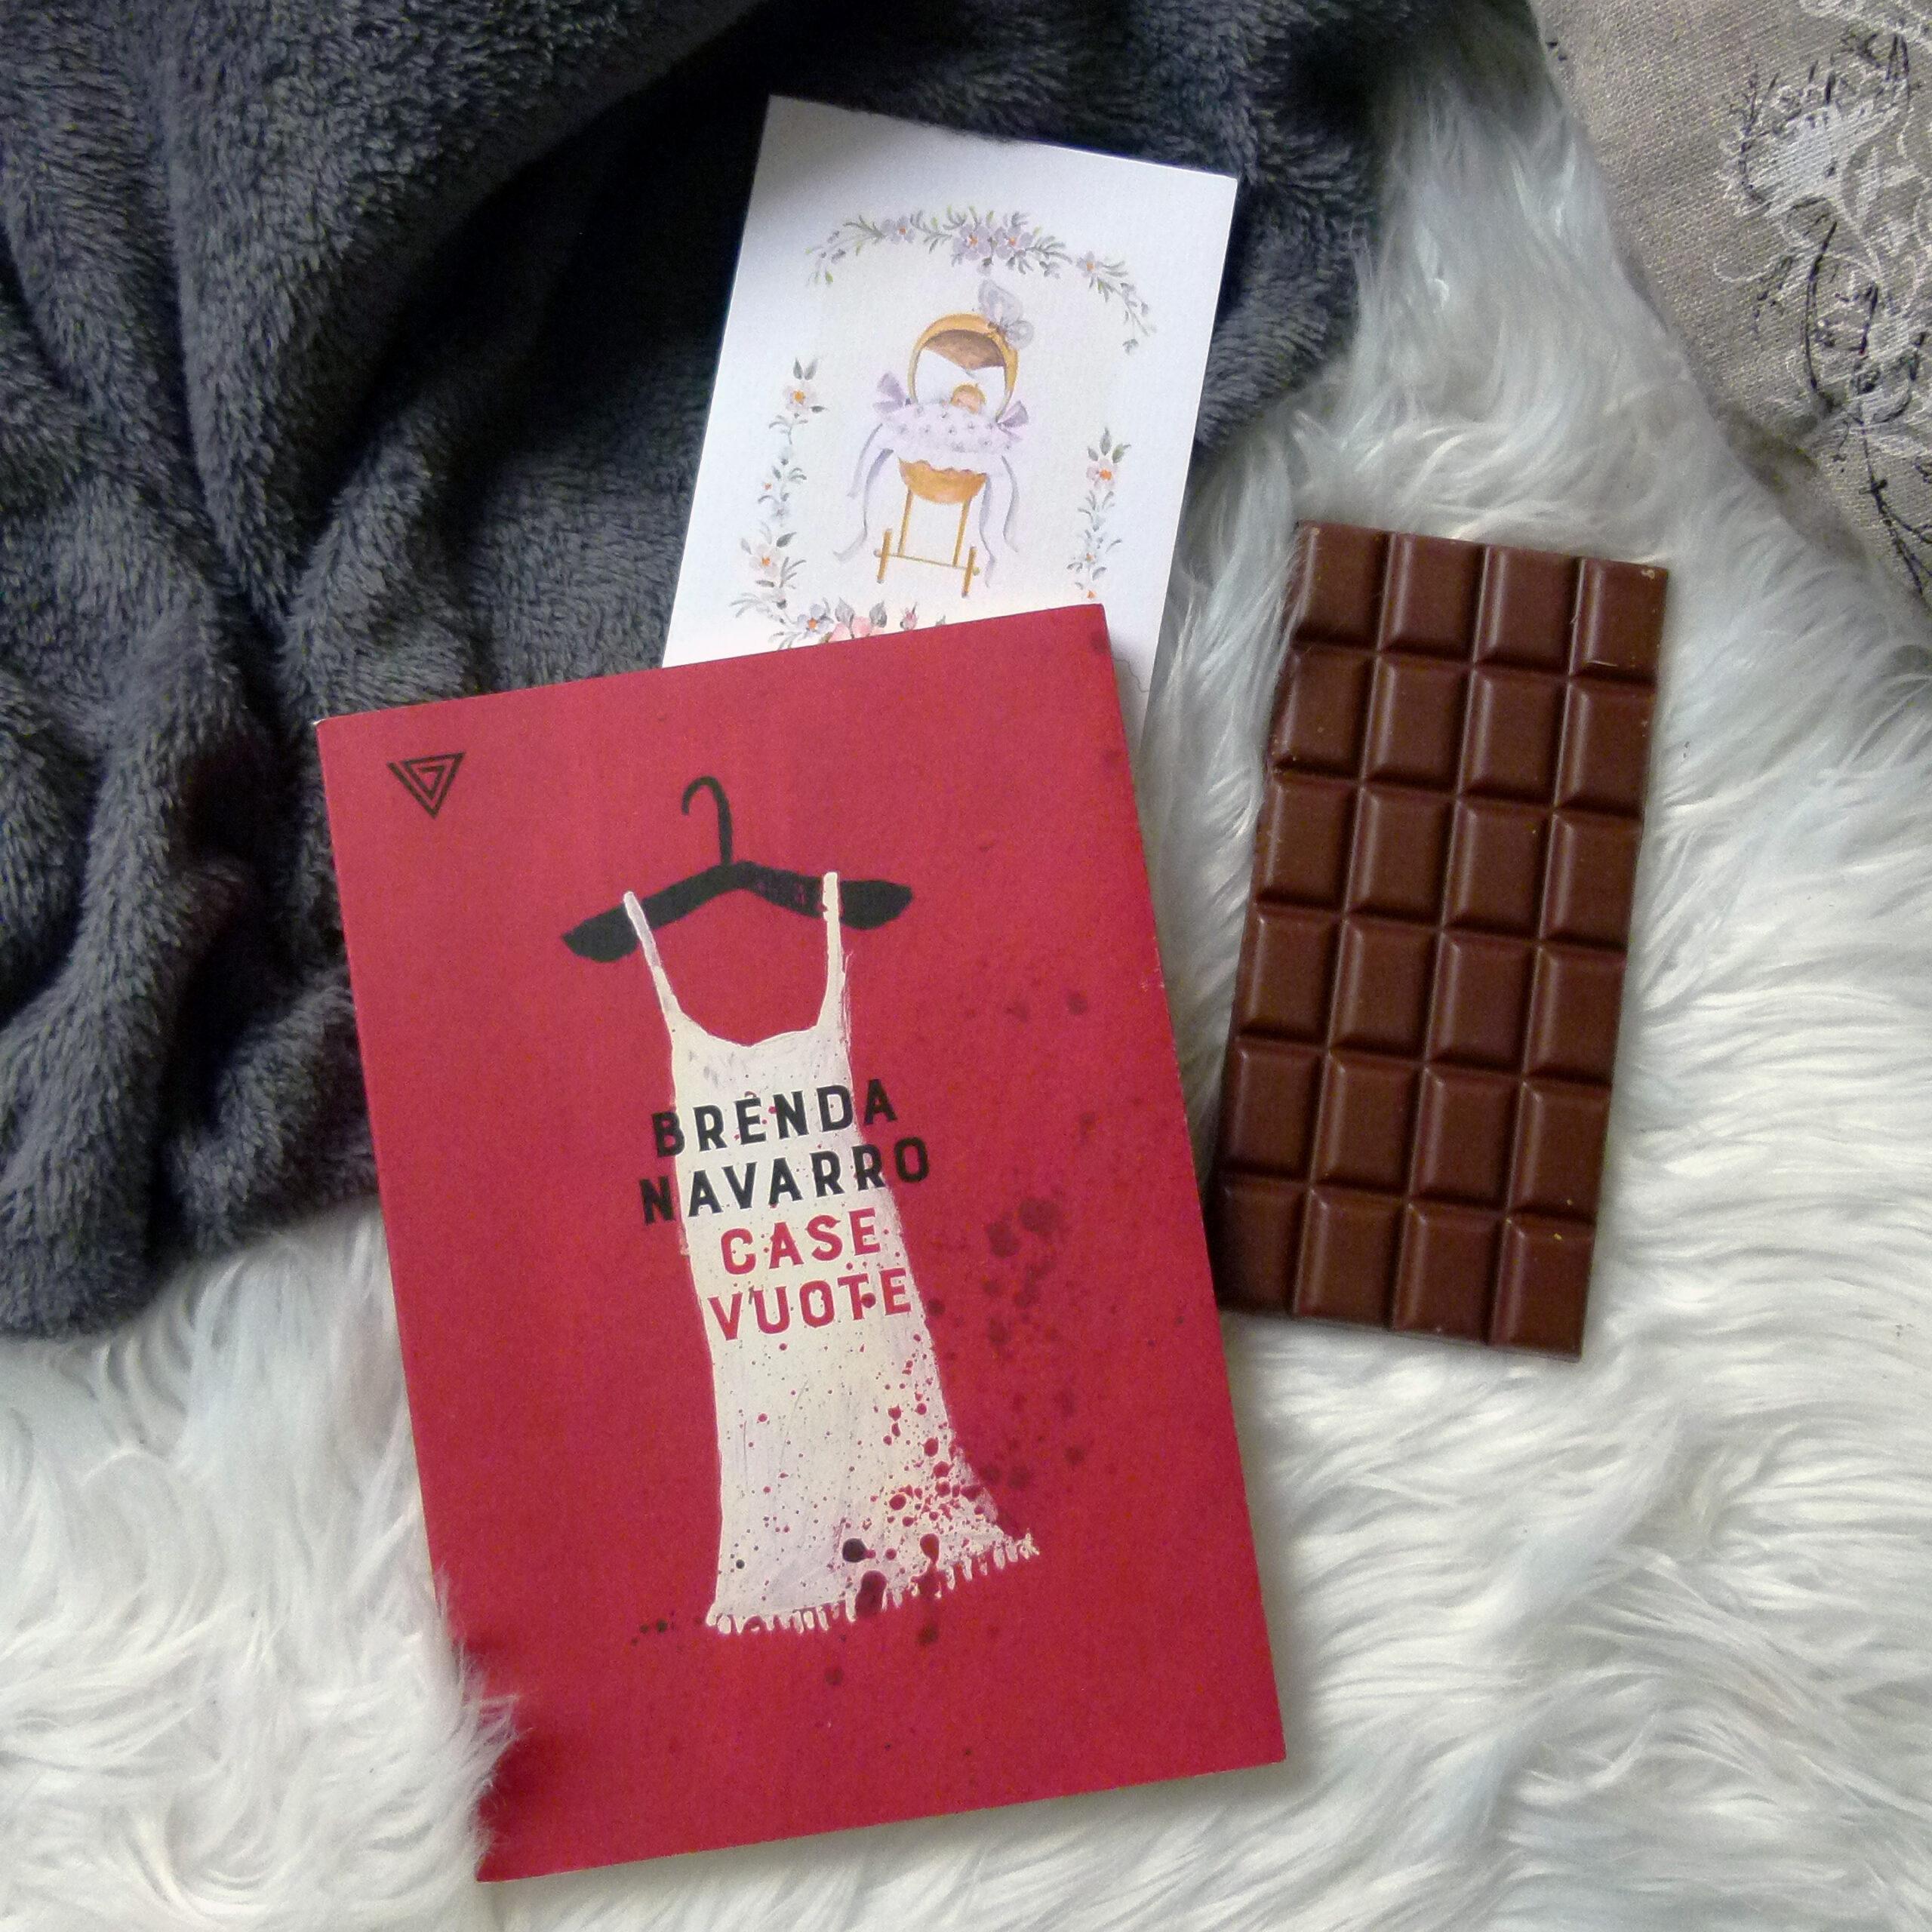 Das rote Buch liegt auf einem flauschigen weißen Hintergrund und einer grauen Decke. Oben rechts lugt noch ein Teil eines grauen Kissens mit dekorativer, schwarz-weißer Schrift ins Bild. Das Cover ist rot mit einem weißen, Kleid auf einem schwarzen Bügel. Darauf steht in schwarzer Schrift der Name der Autorin und in rot darunter der italienische Titel